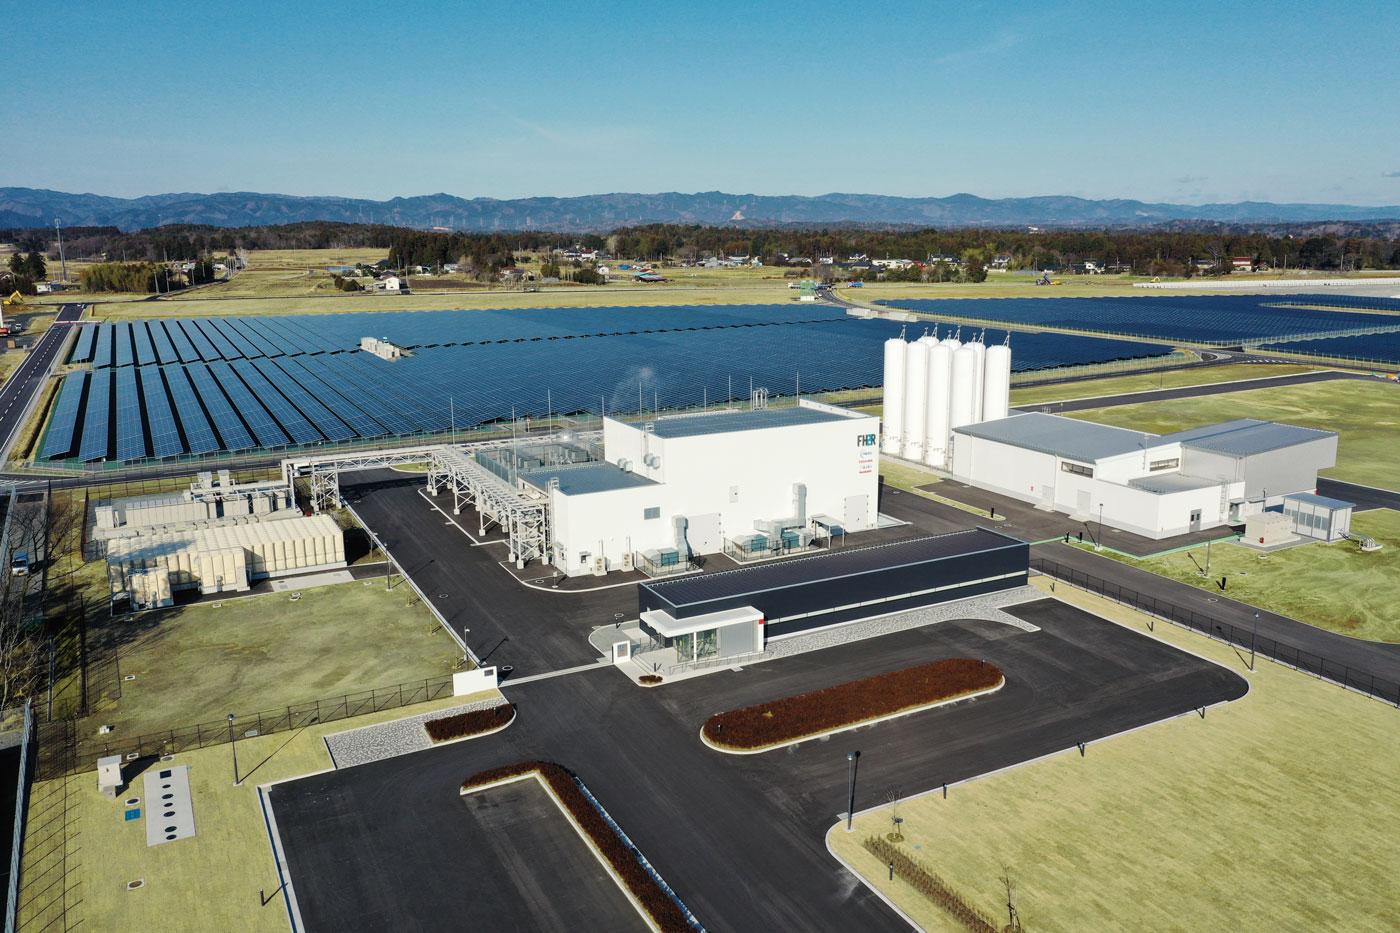 技術で先行する日本の「グリーン水素」は世界の潮流に乗れるか